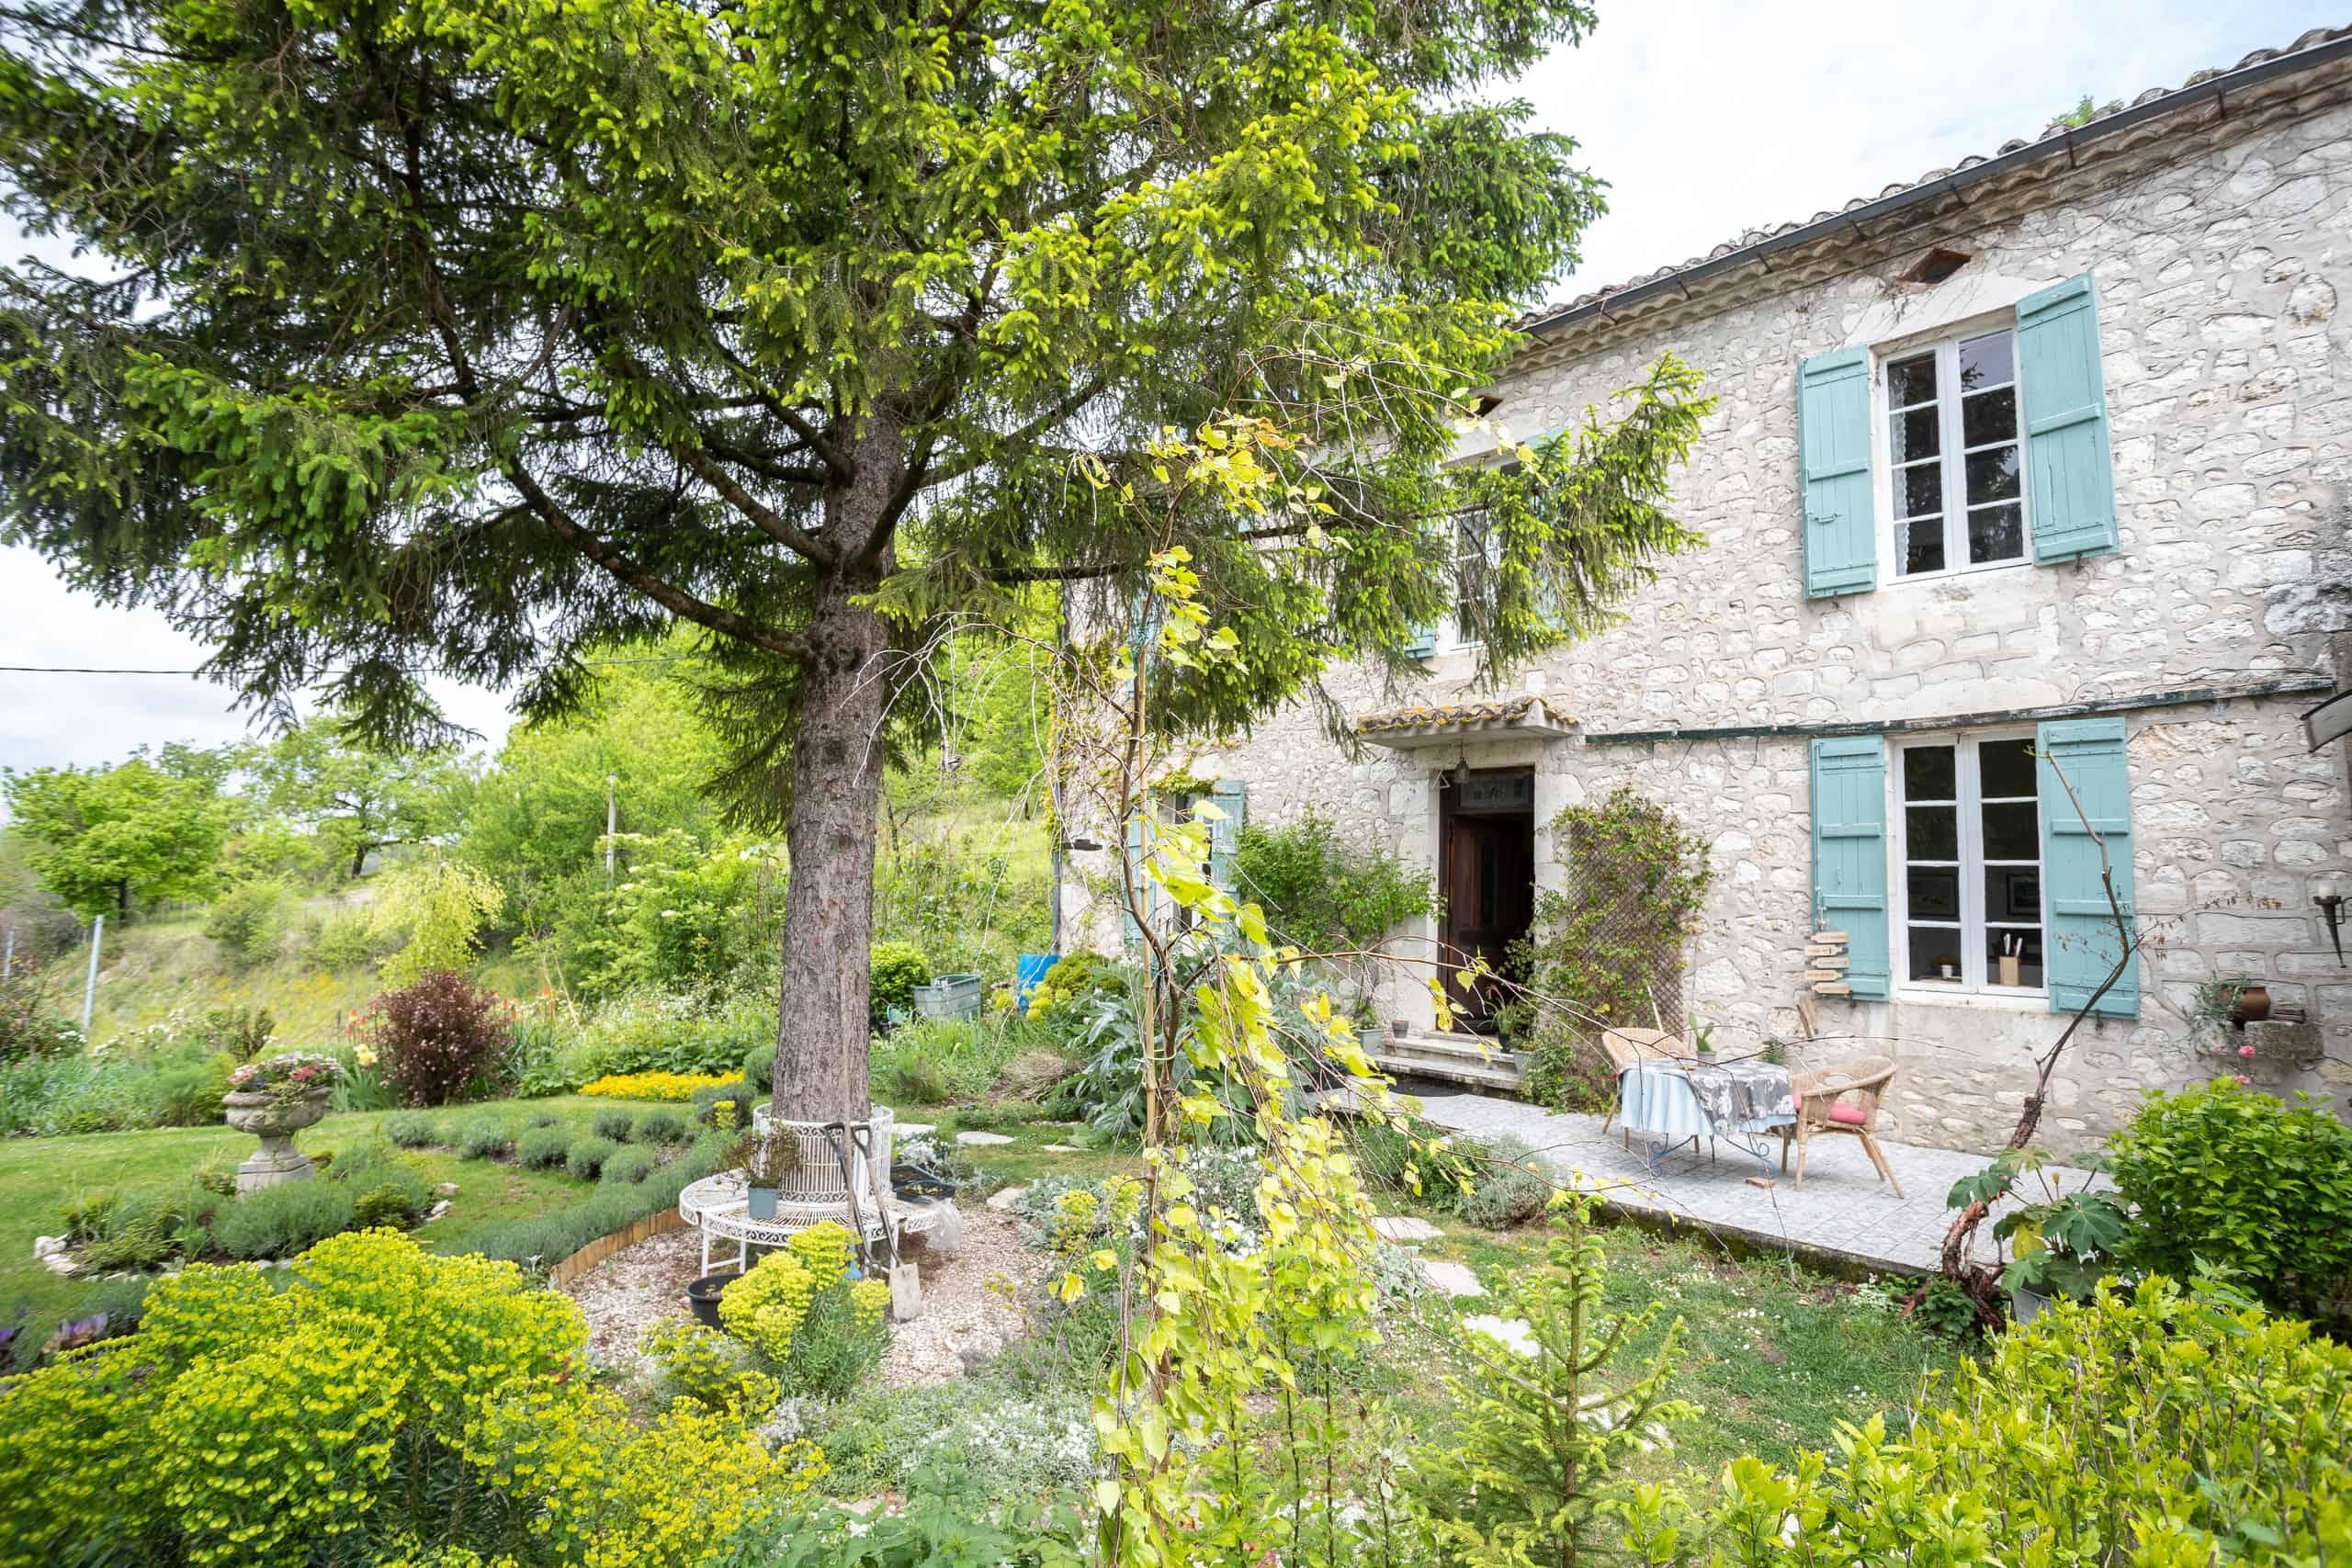 Maison en pierre dans un village tranquille